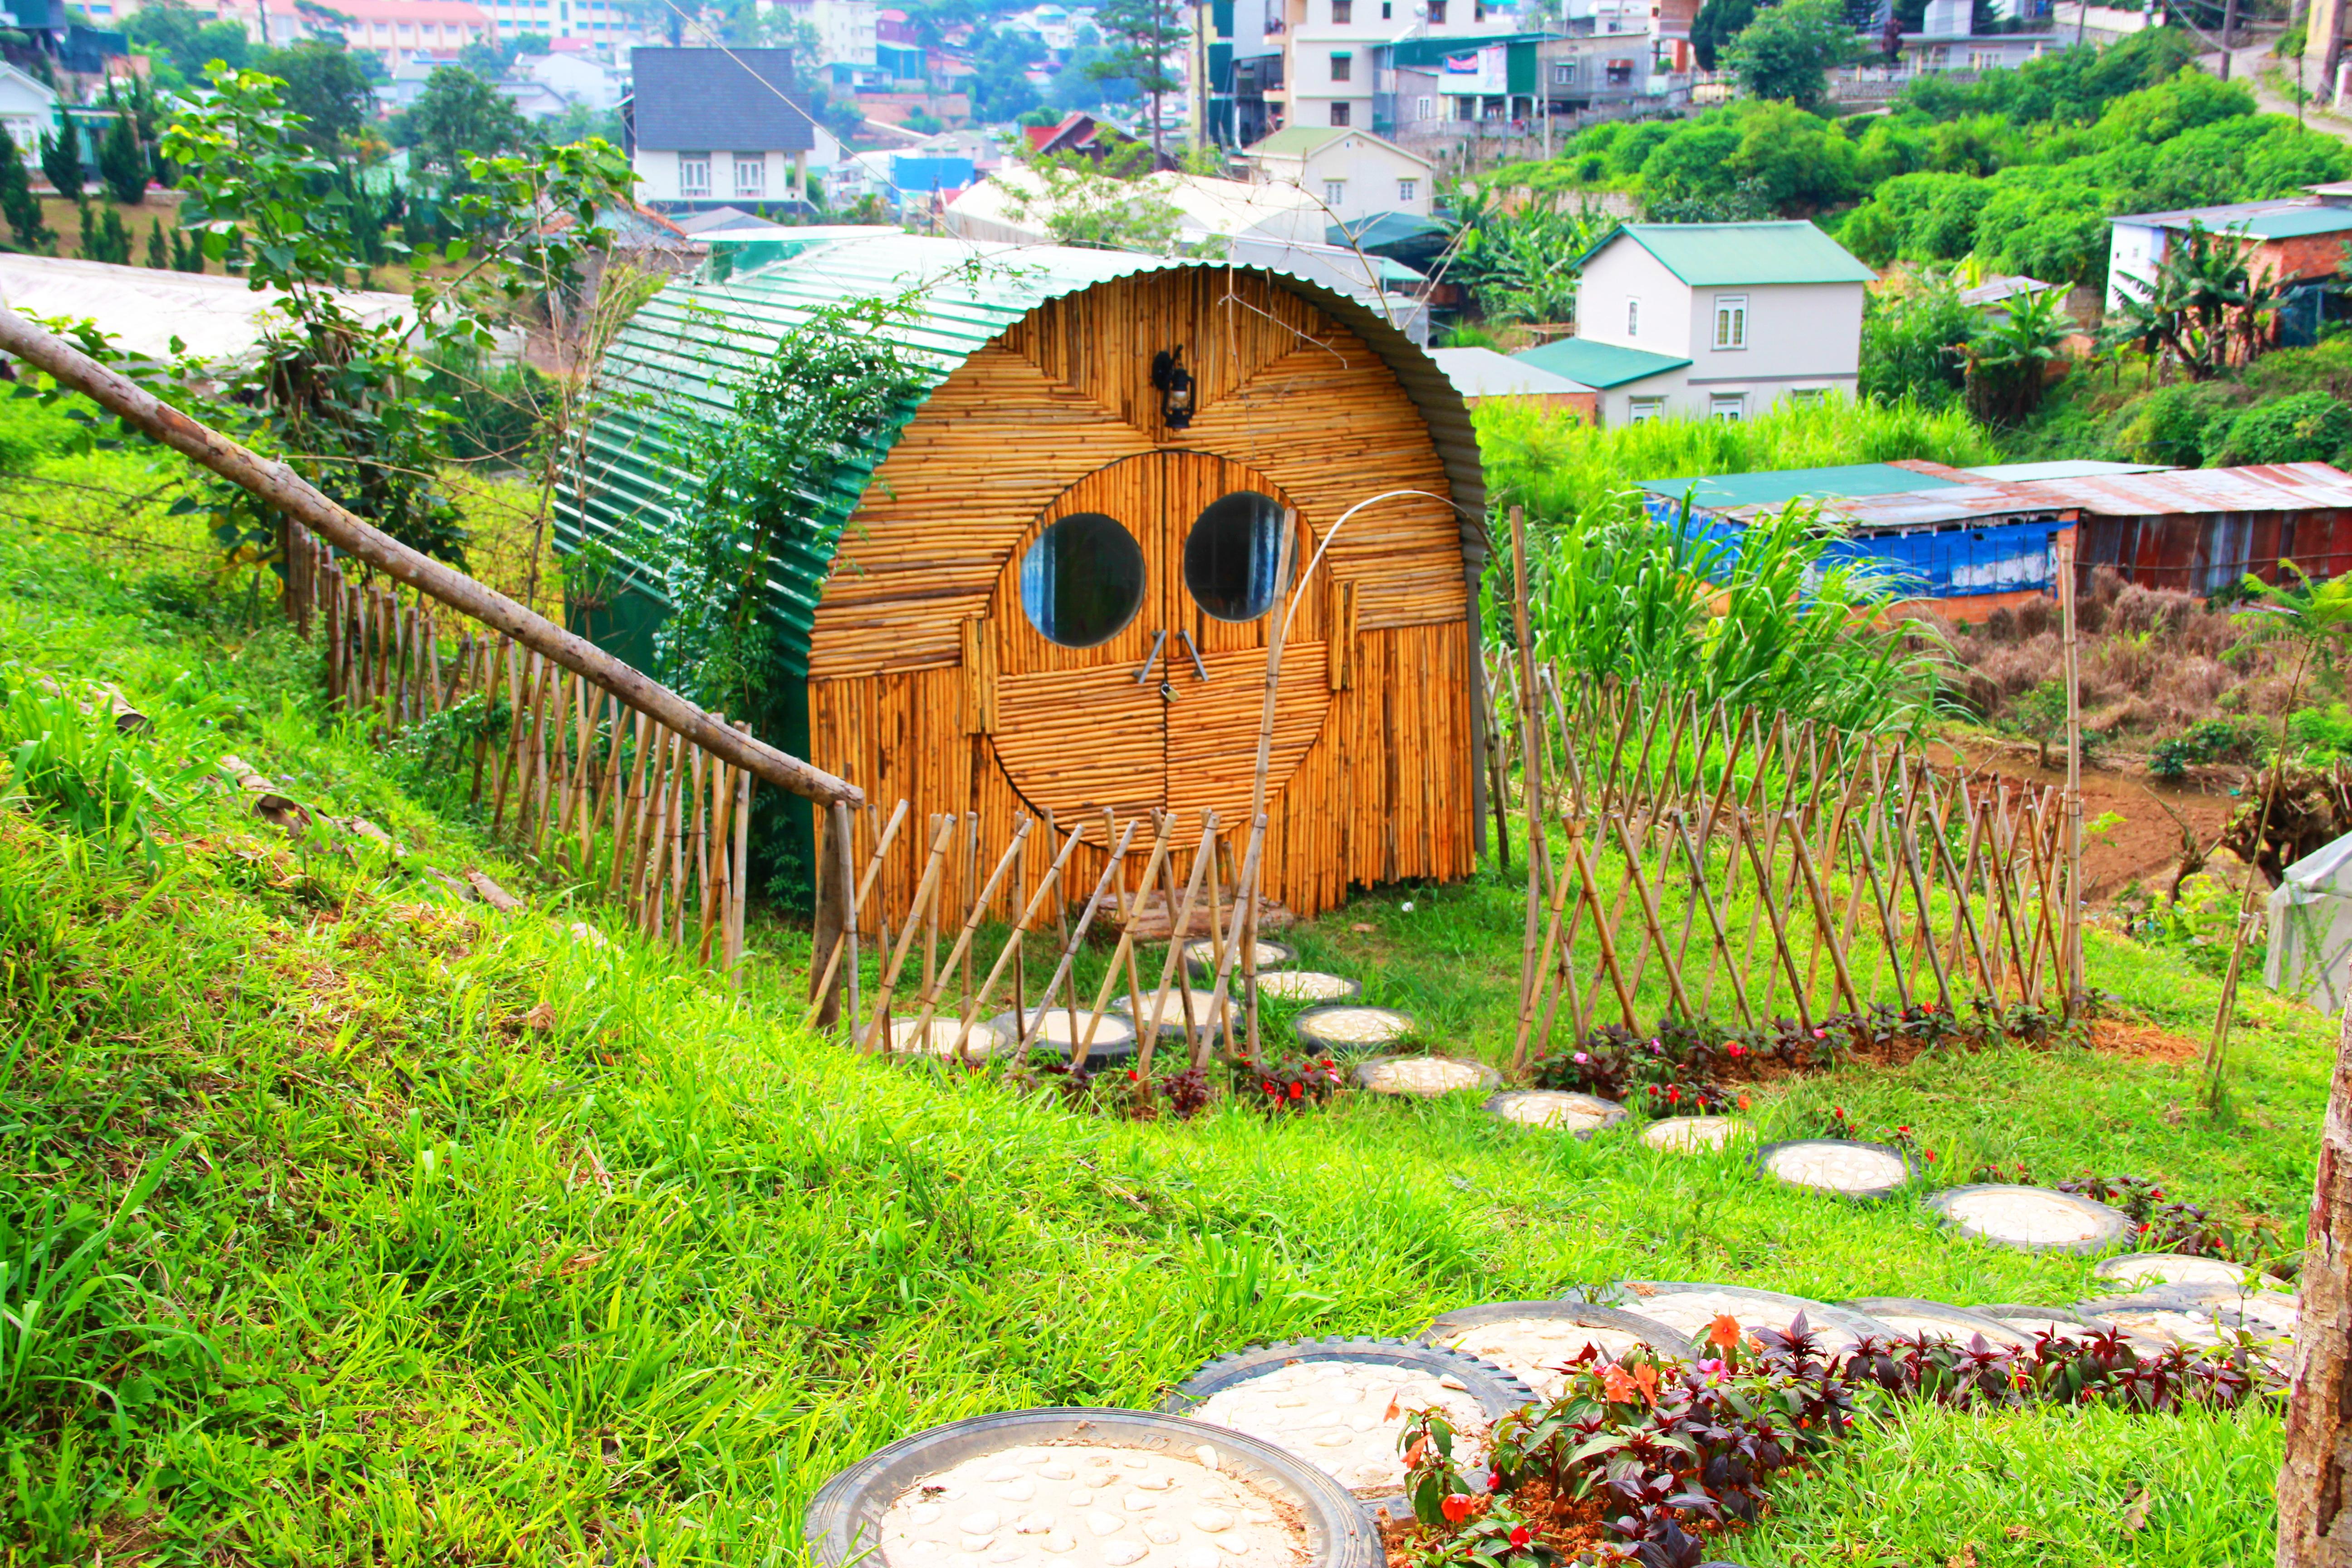 Biệt thự Đà Lạt làng Hobbit - homesaty Đà Lạt - datphongdalat.vn - 01